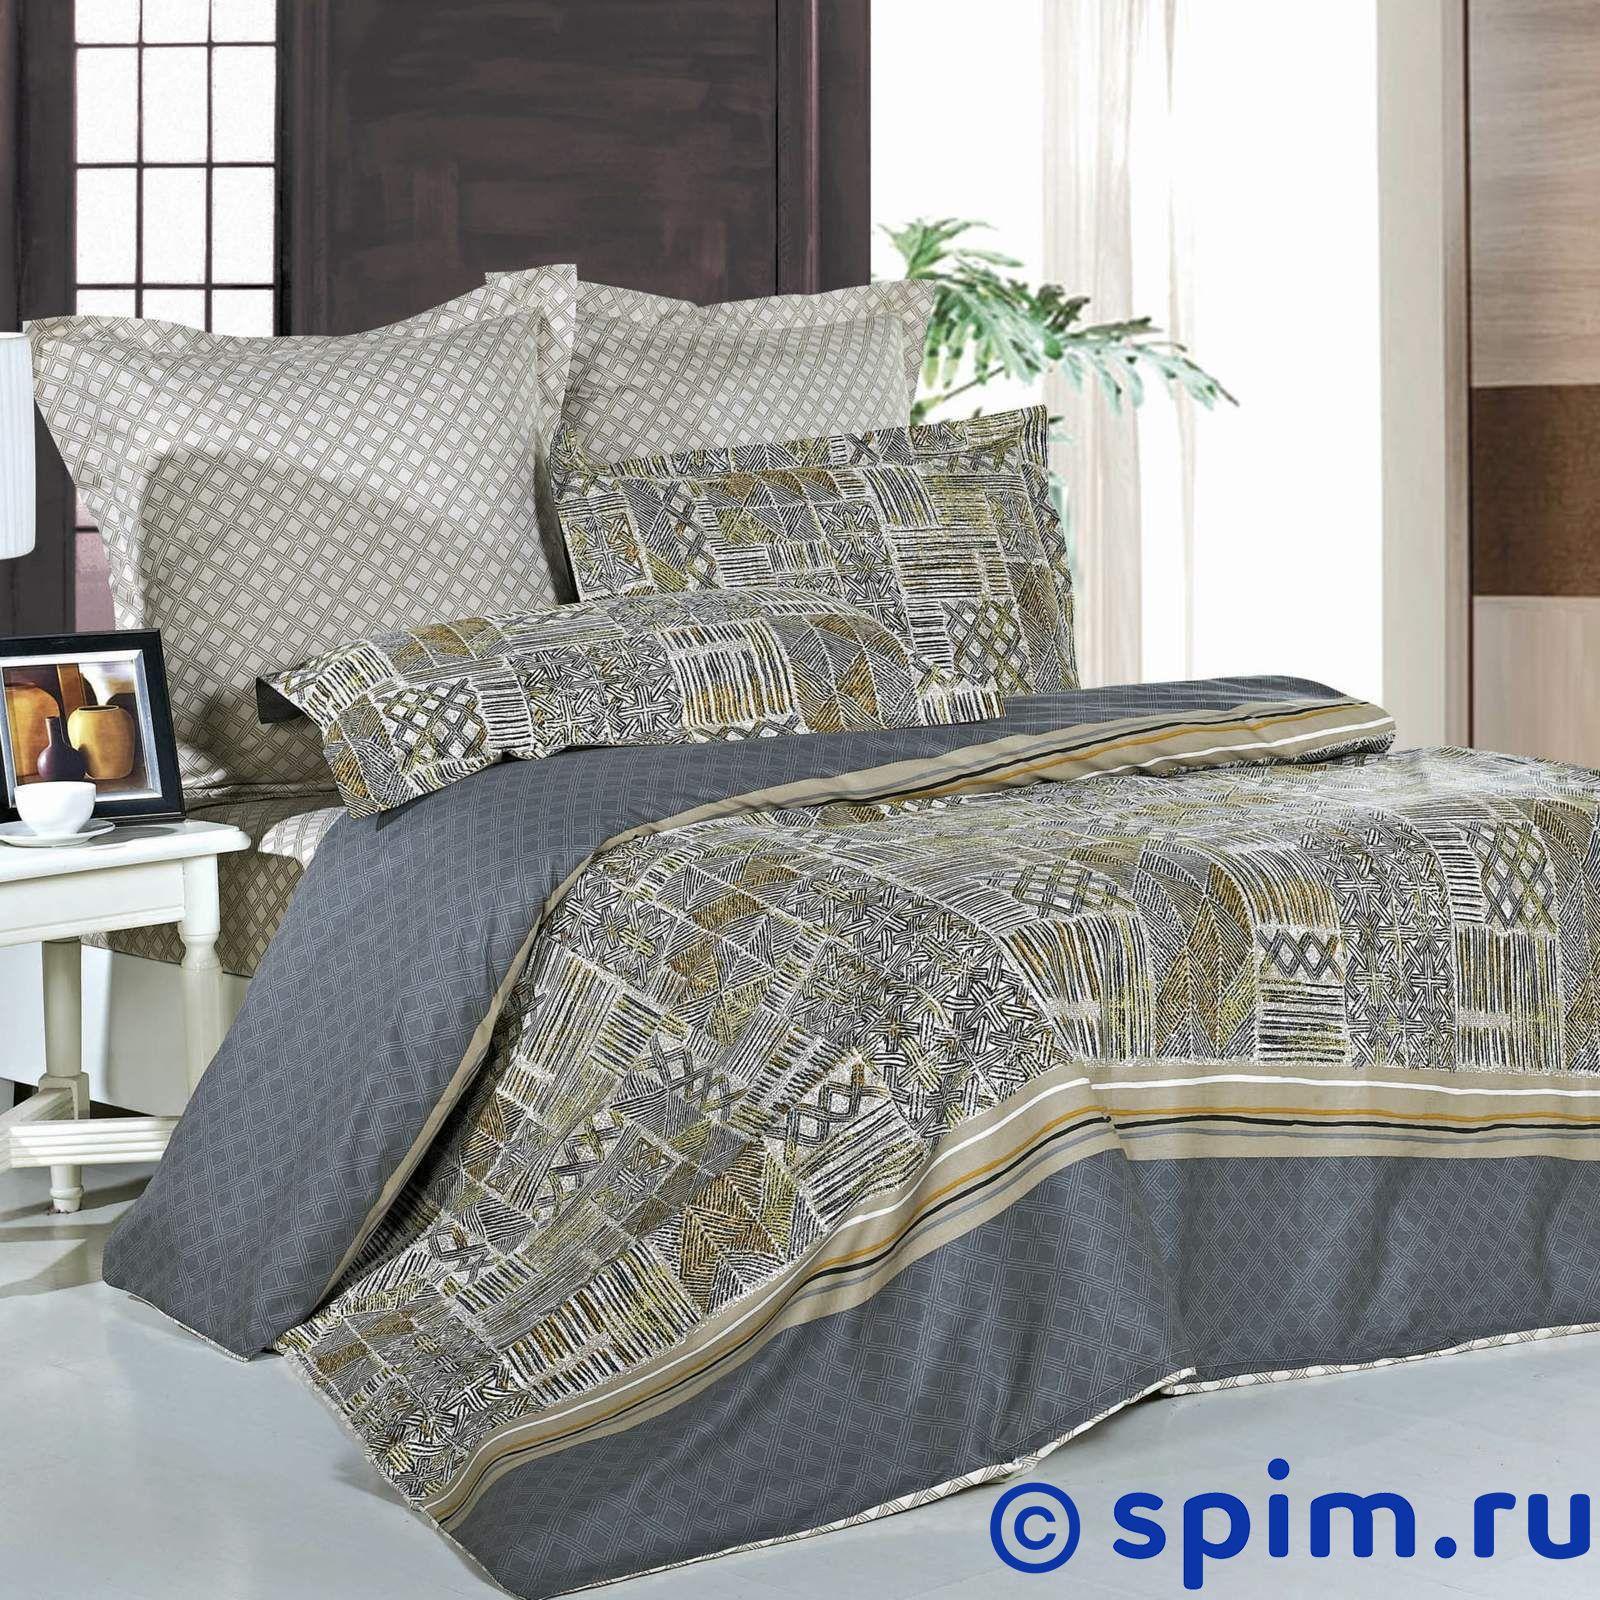 Комплект СайлиД В127 1.5 спальное